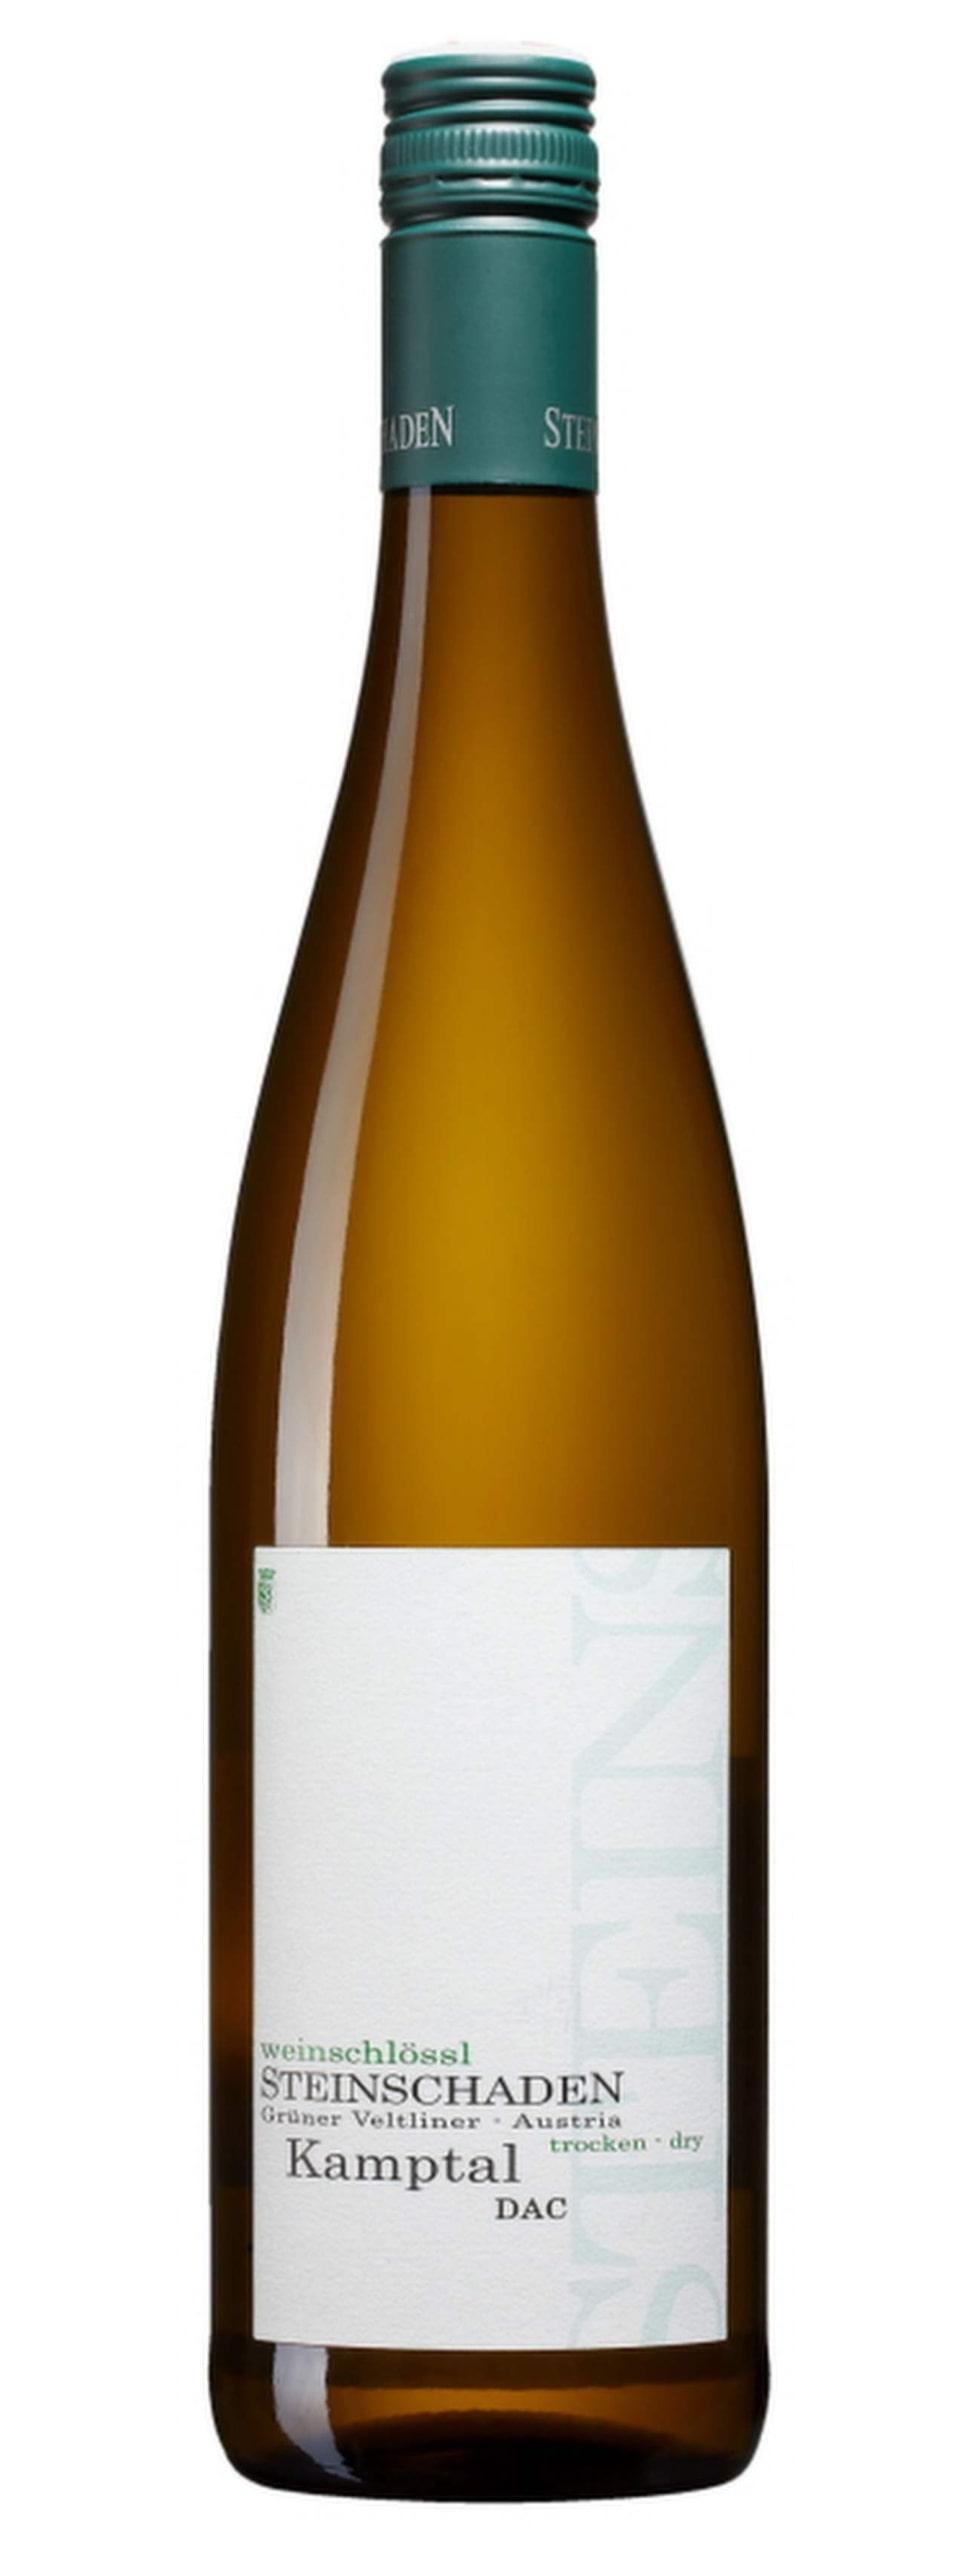 """Vitt<br><strong>Steinschaden Grüner Veltliner 2013</strong><br>(4320) Österrike, 72 kronor<br>Piggt vin med bra driv i smaken. Stråk av av grape, persikor och lätt pepprighet. Gott till laxtartar på stekt vitt bröd.<br><exp:icon type=""""wasp""""></exp:icon><exp:icon type=""""wasp""""></exp:icon><exp:icon type=""""wasp""""></exp:icon><exp:icon type=""""wasp""""></exp:icon><exp:icon type=""""wasp""""></exp:icon>"""